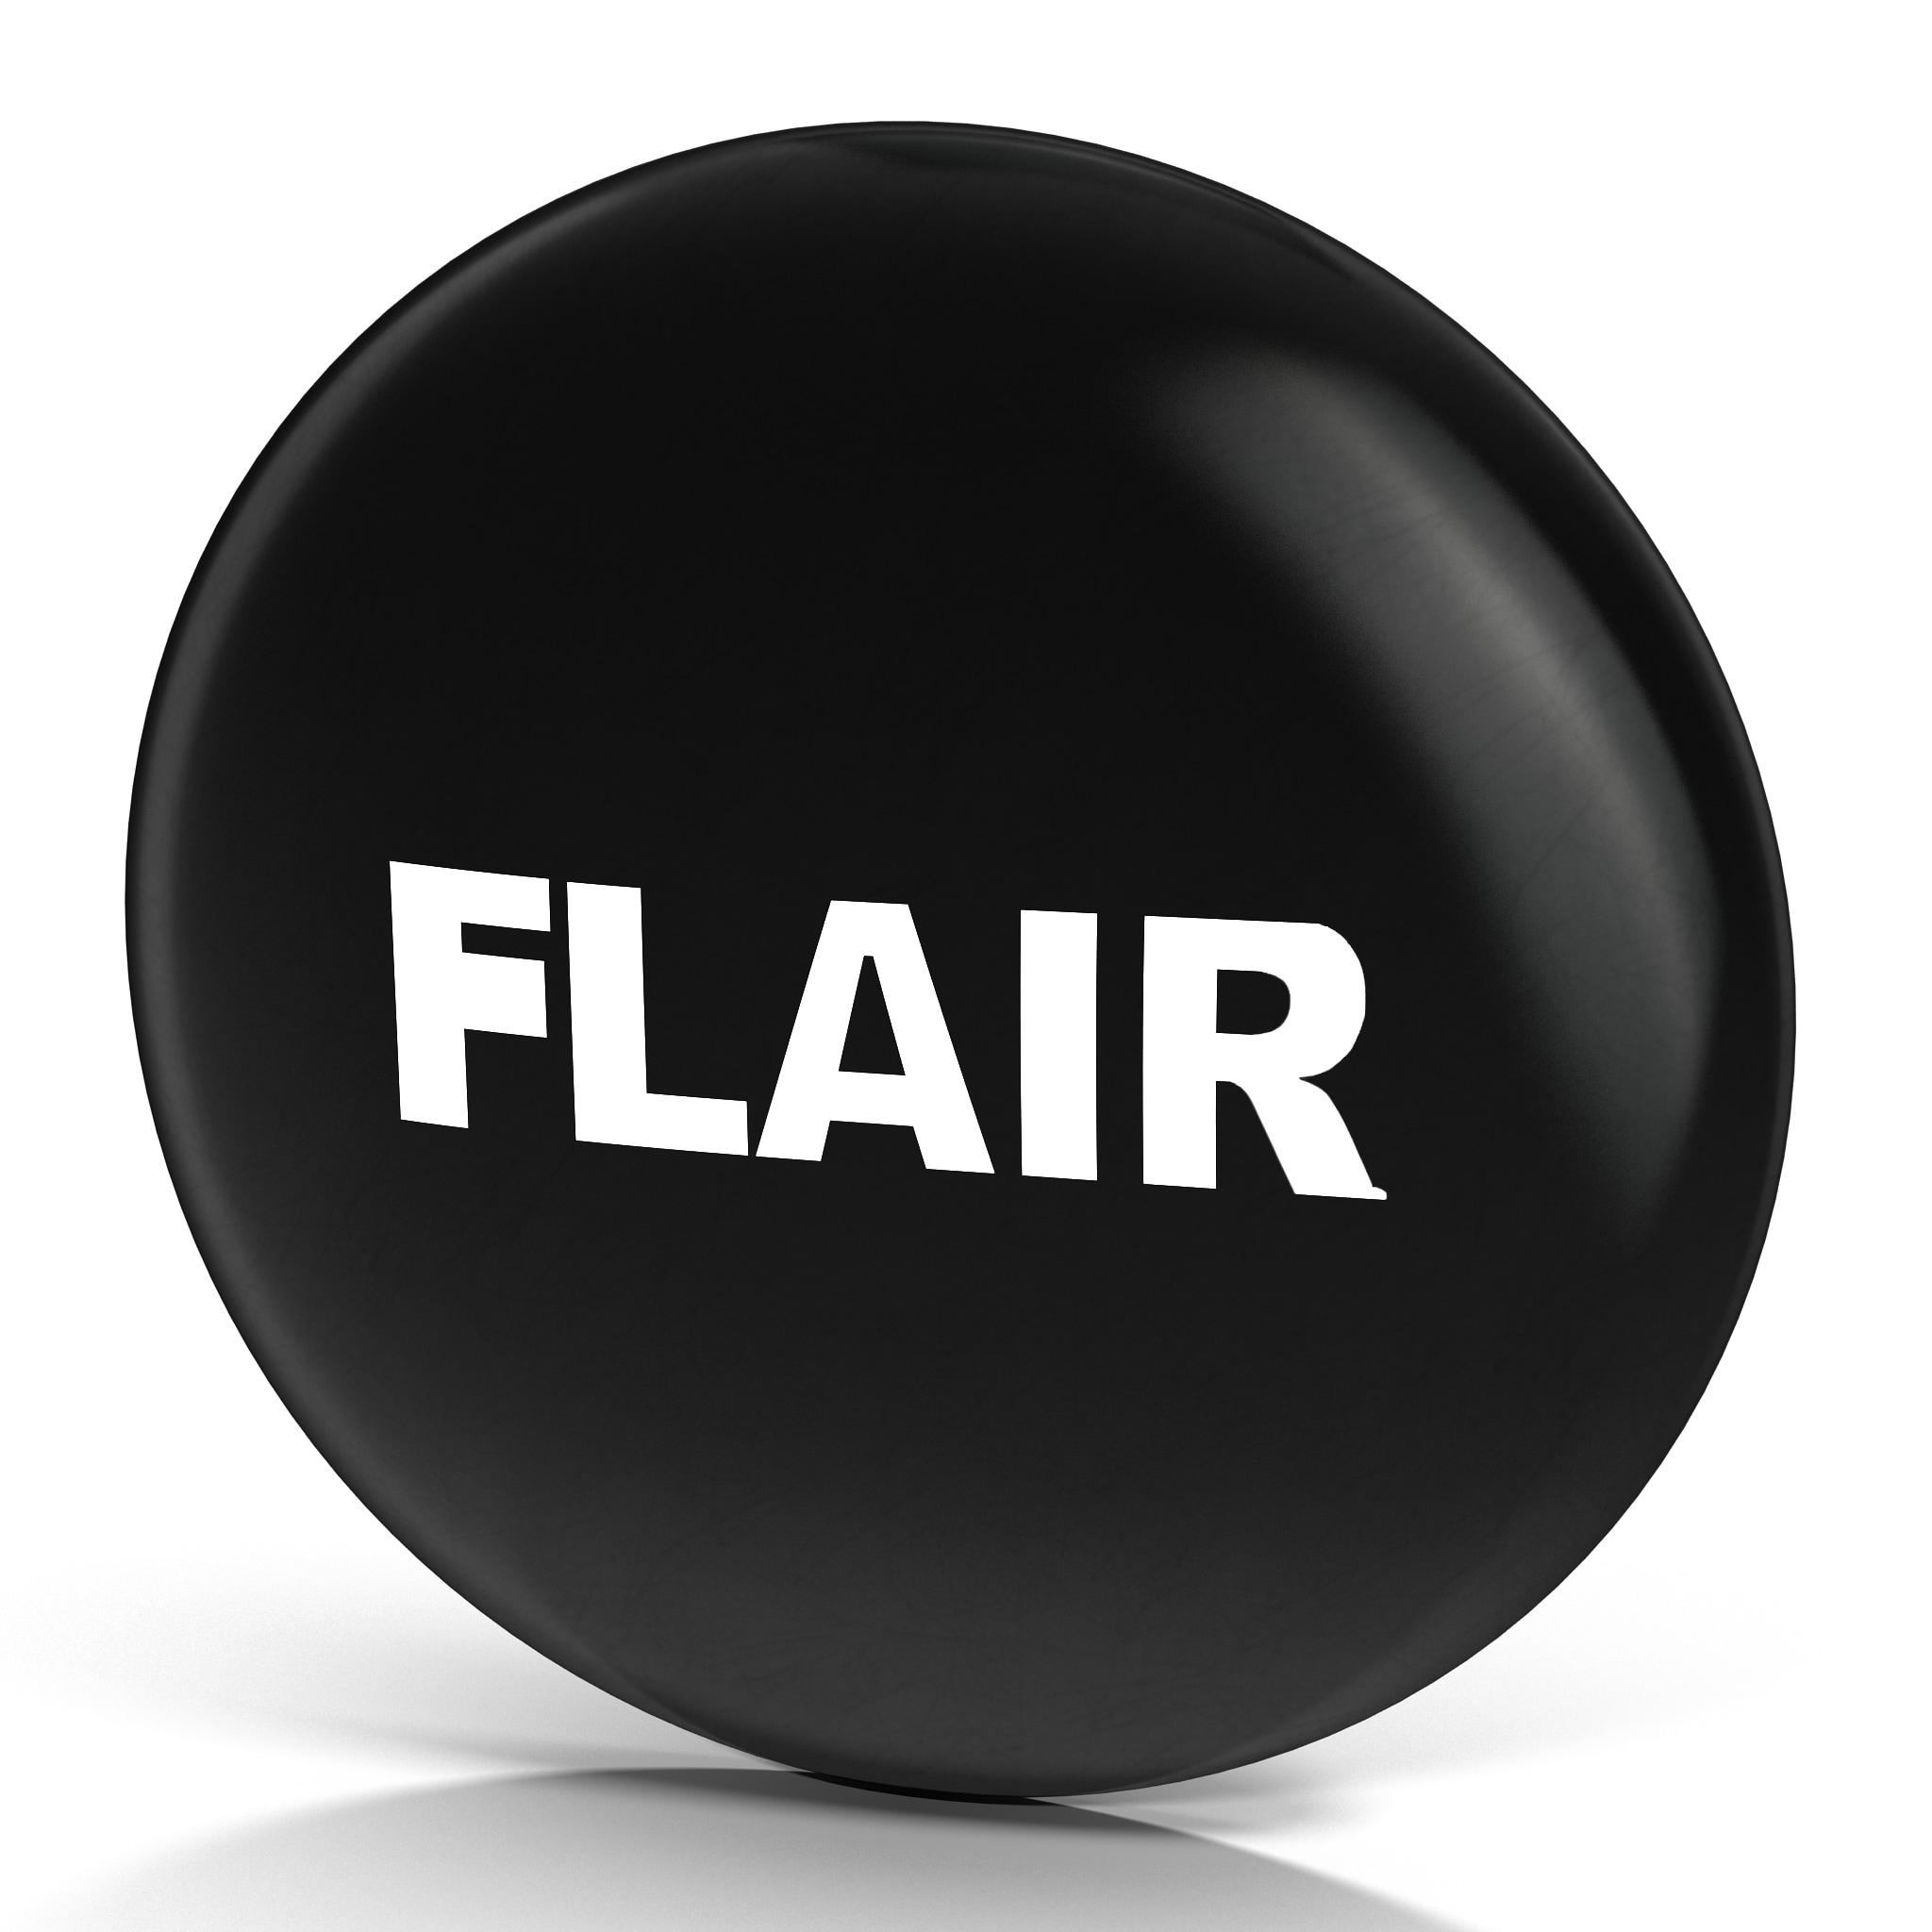 Flair Pin_2.jpg